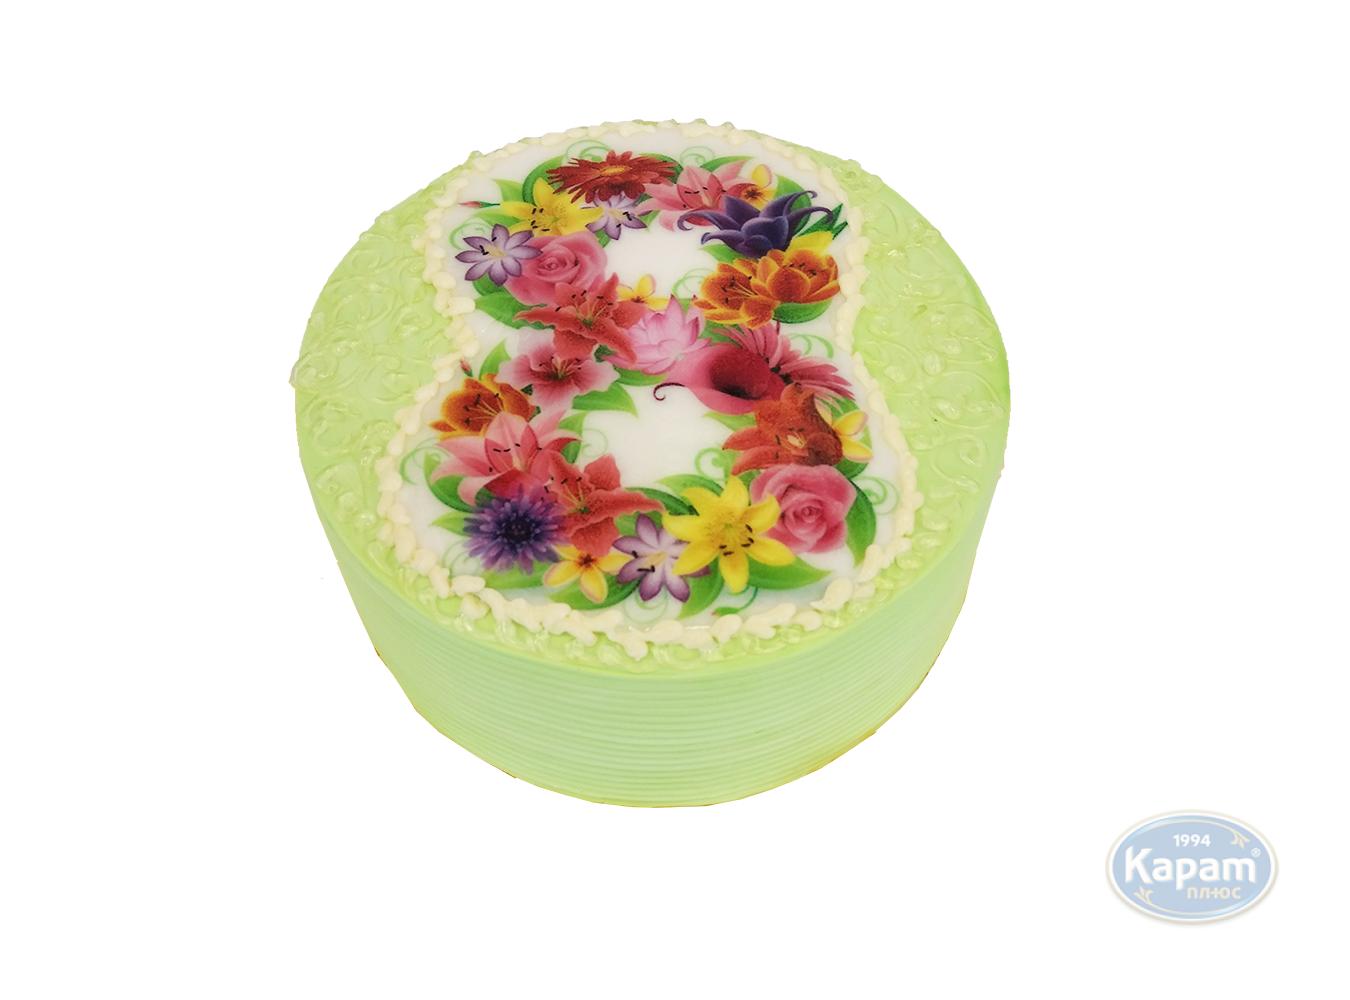 Торт заказной фотопечать 8 марта